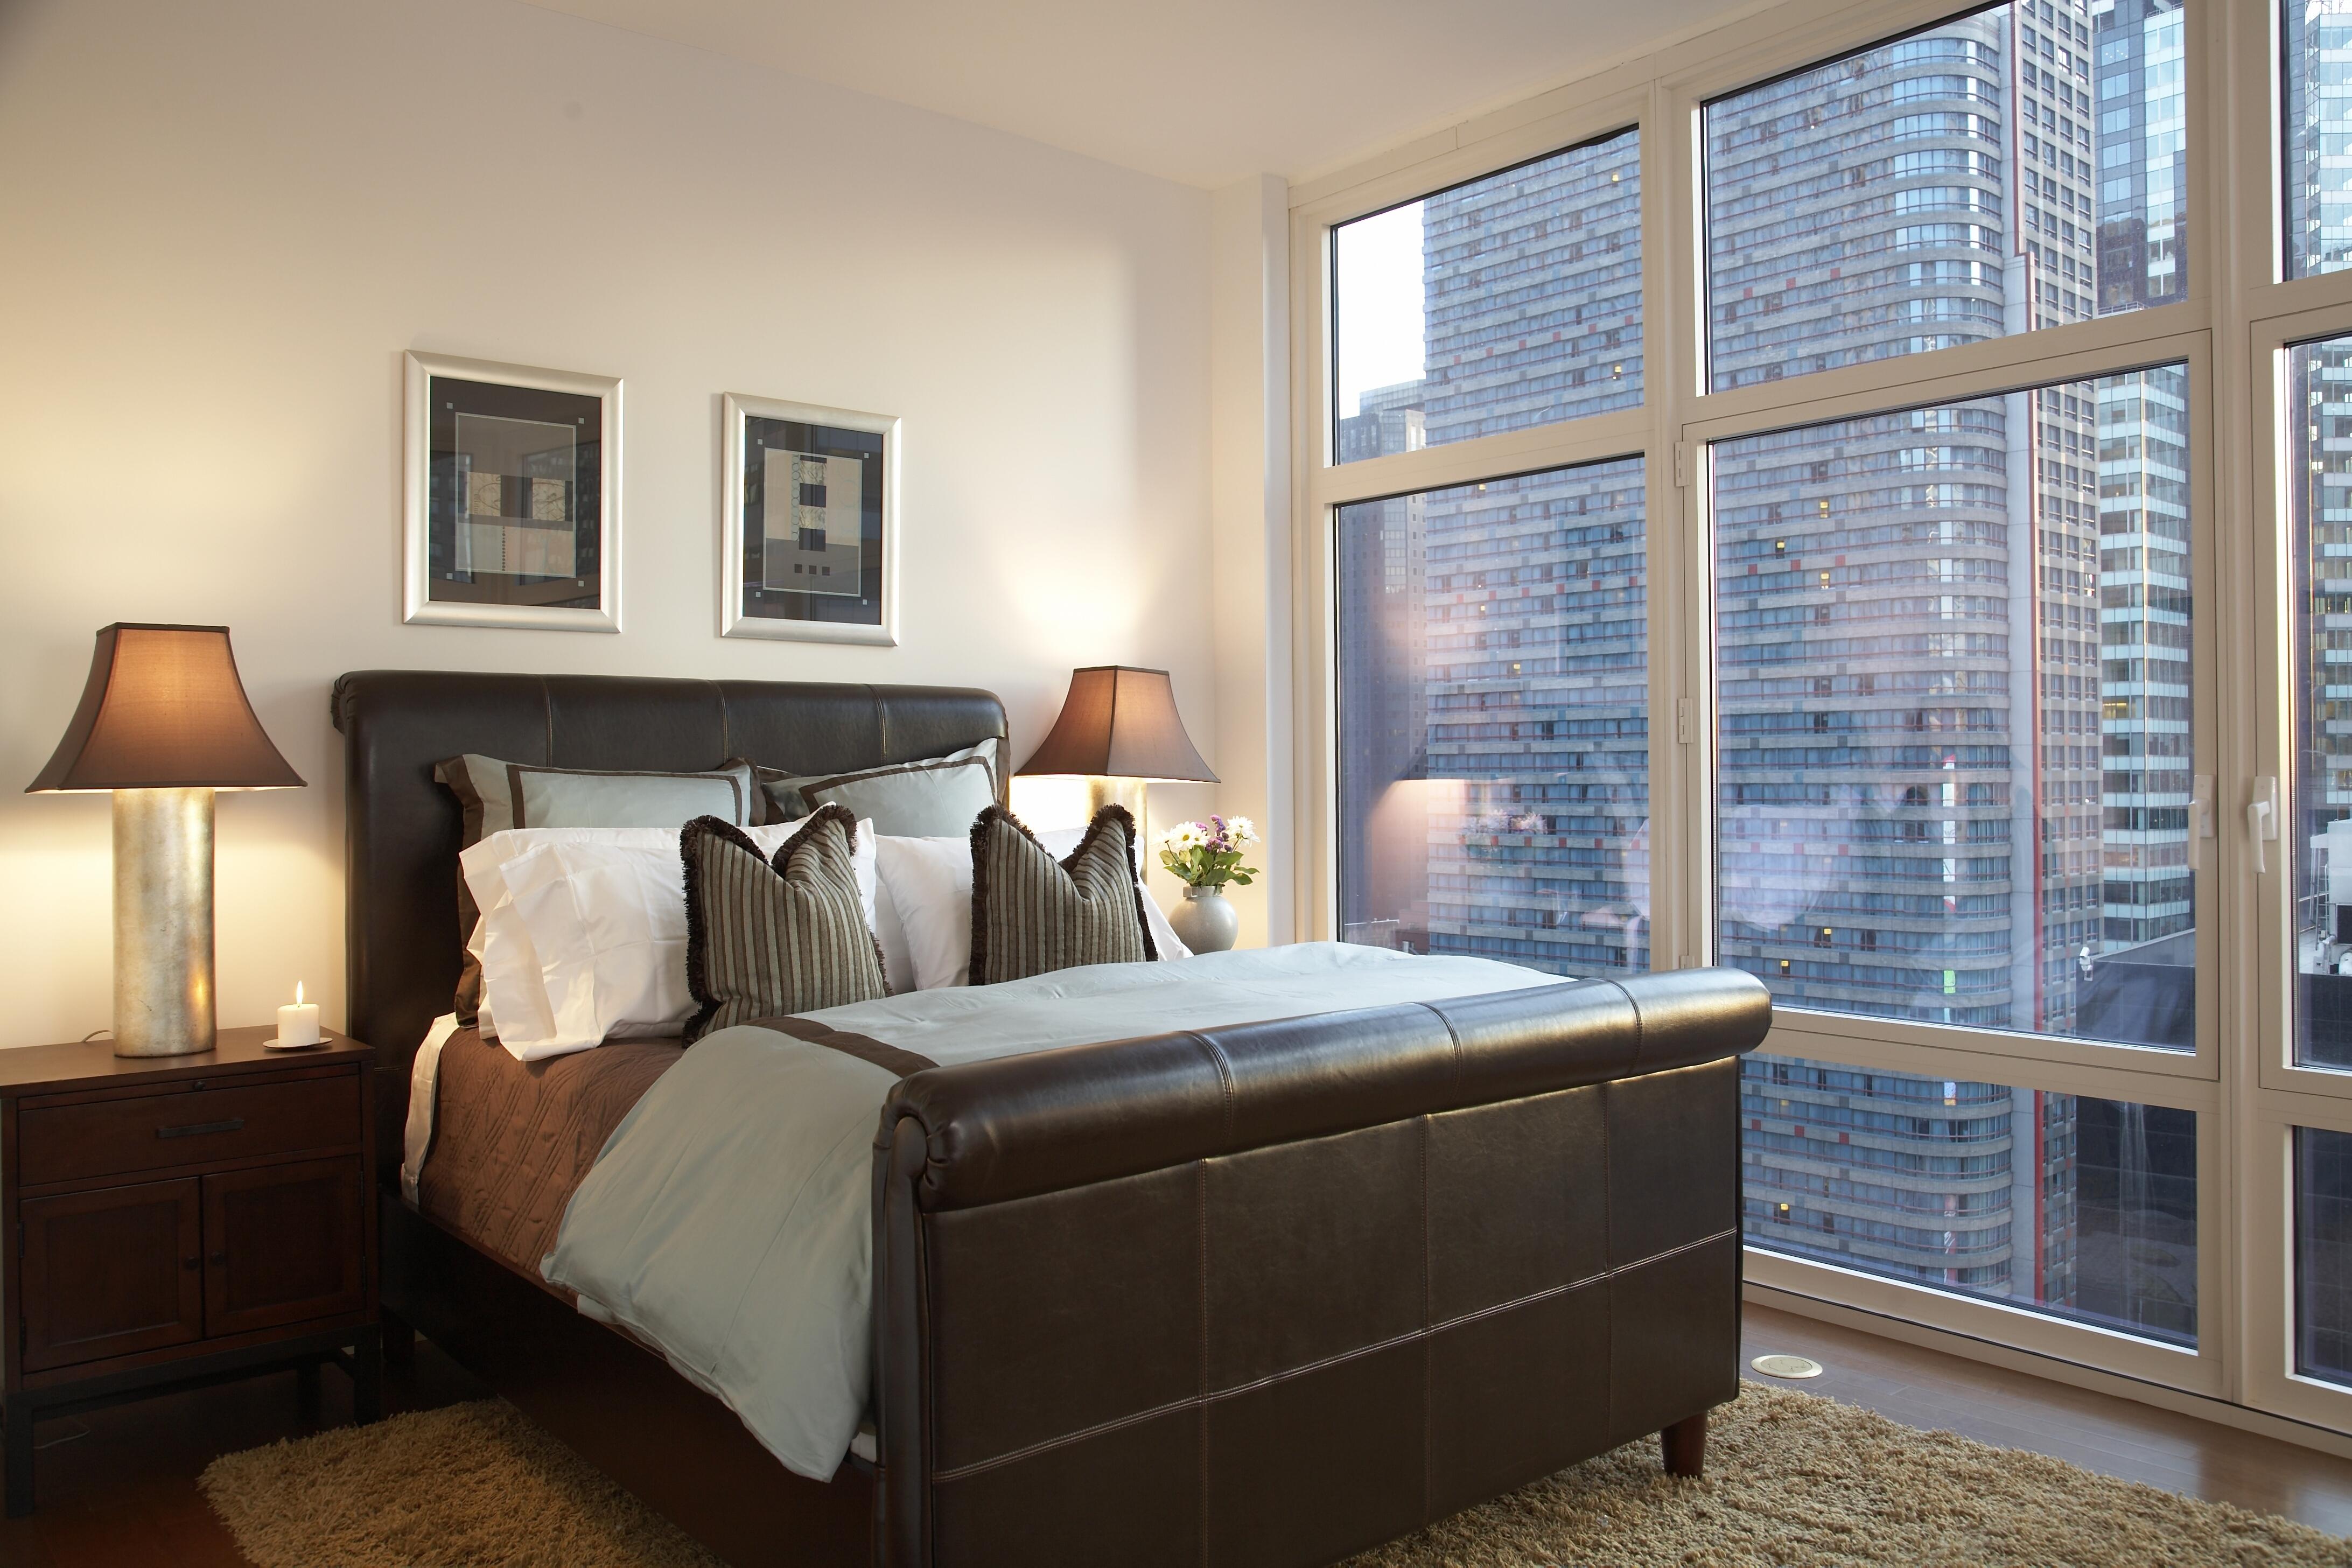 Man Bedroom Bedroom Computer Wallpapers Desktop Backgrounds 4368x2912 Id